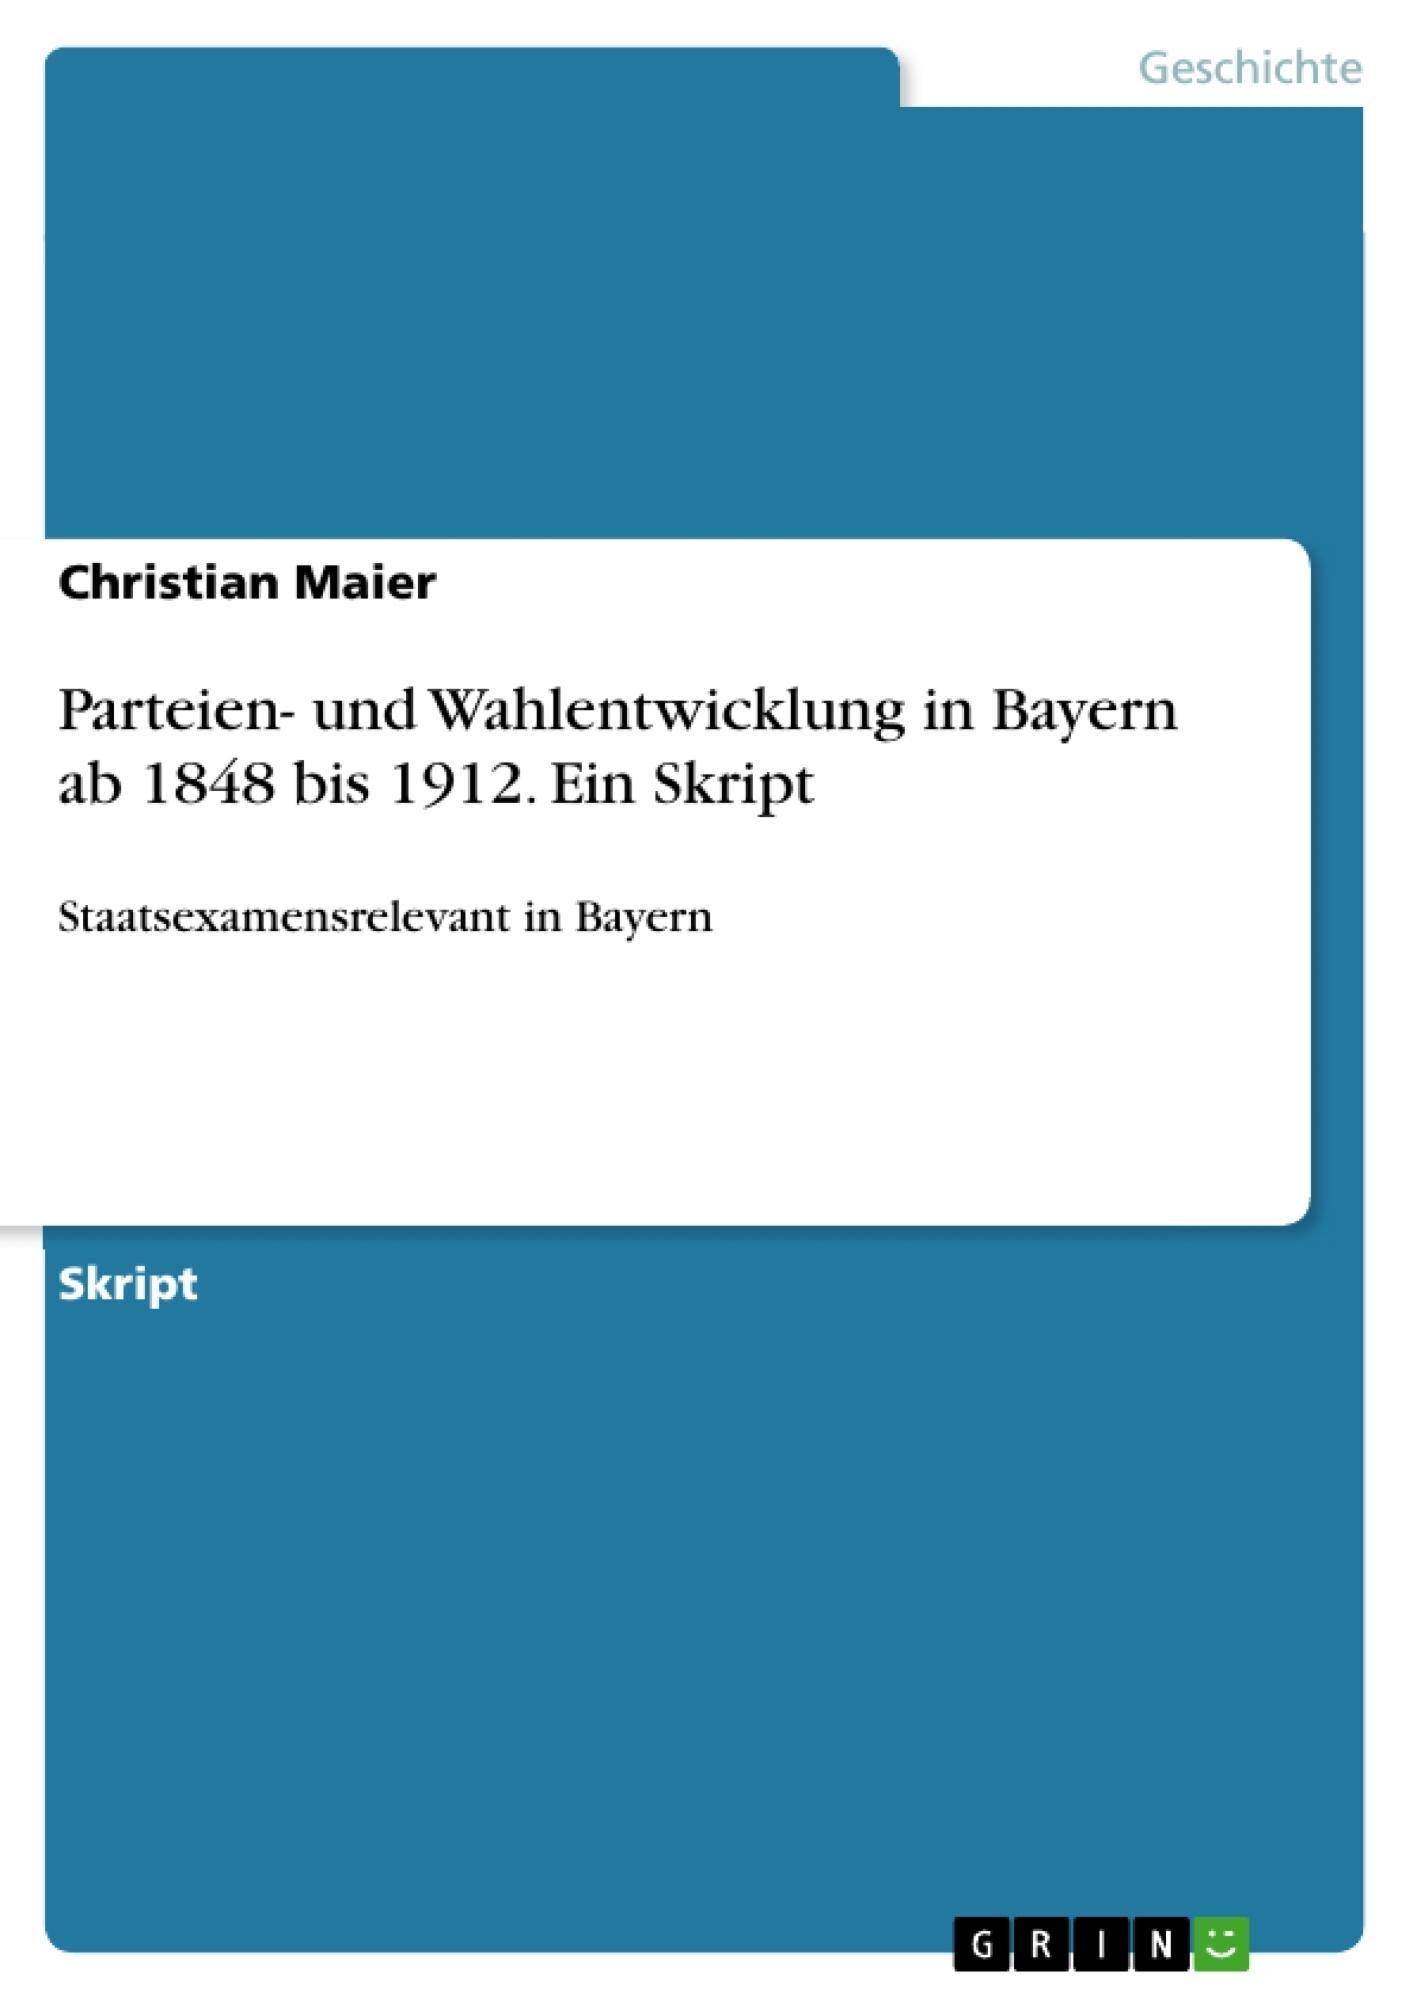 Titel: Parteien- und Wahlentwicklung in Bayern ab 1848 bis 1912. Ein Skript